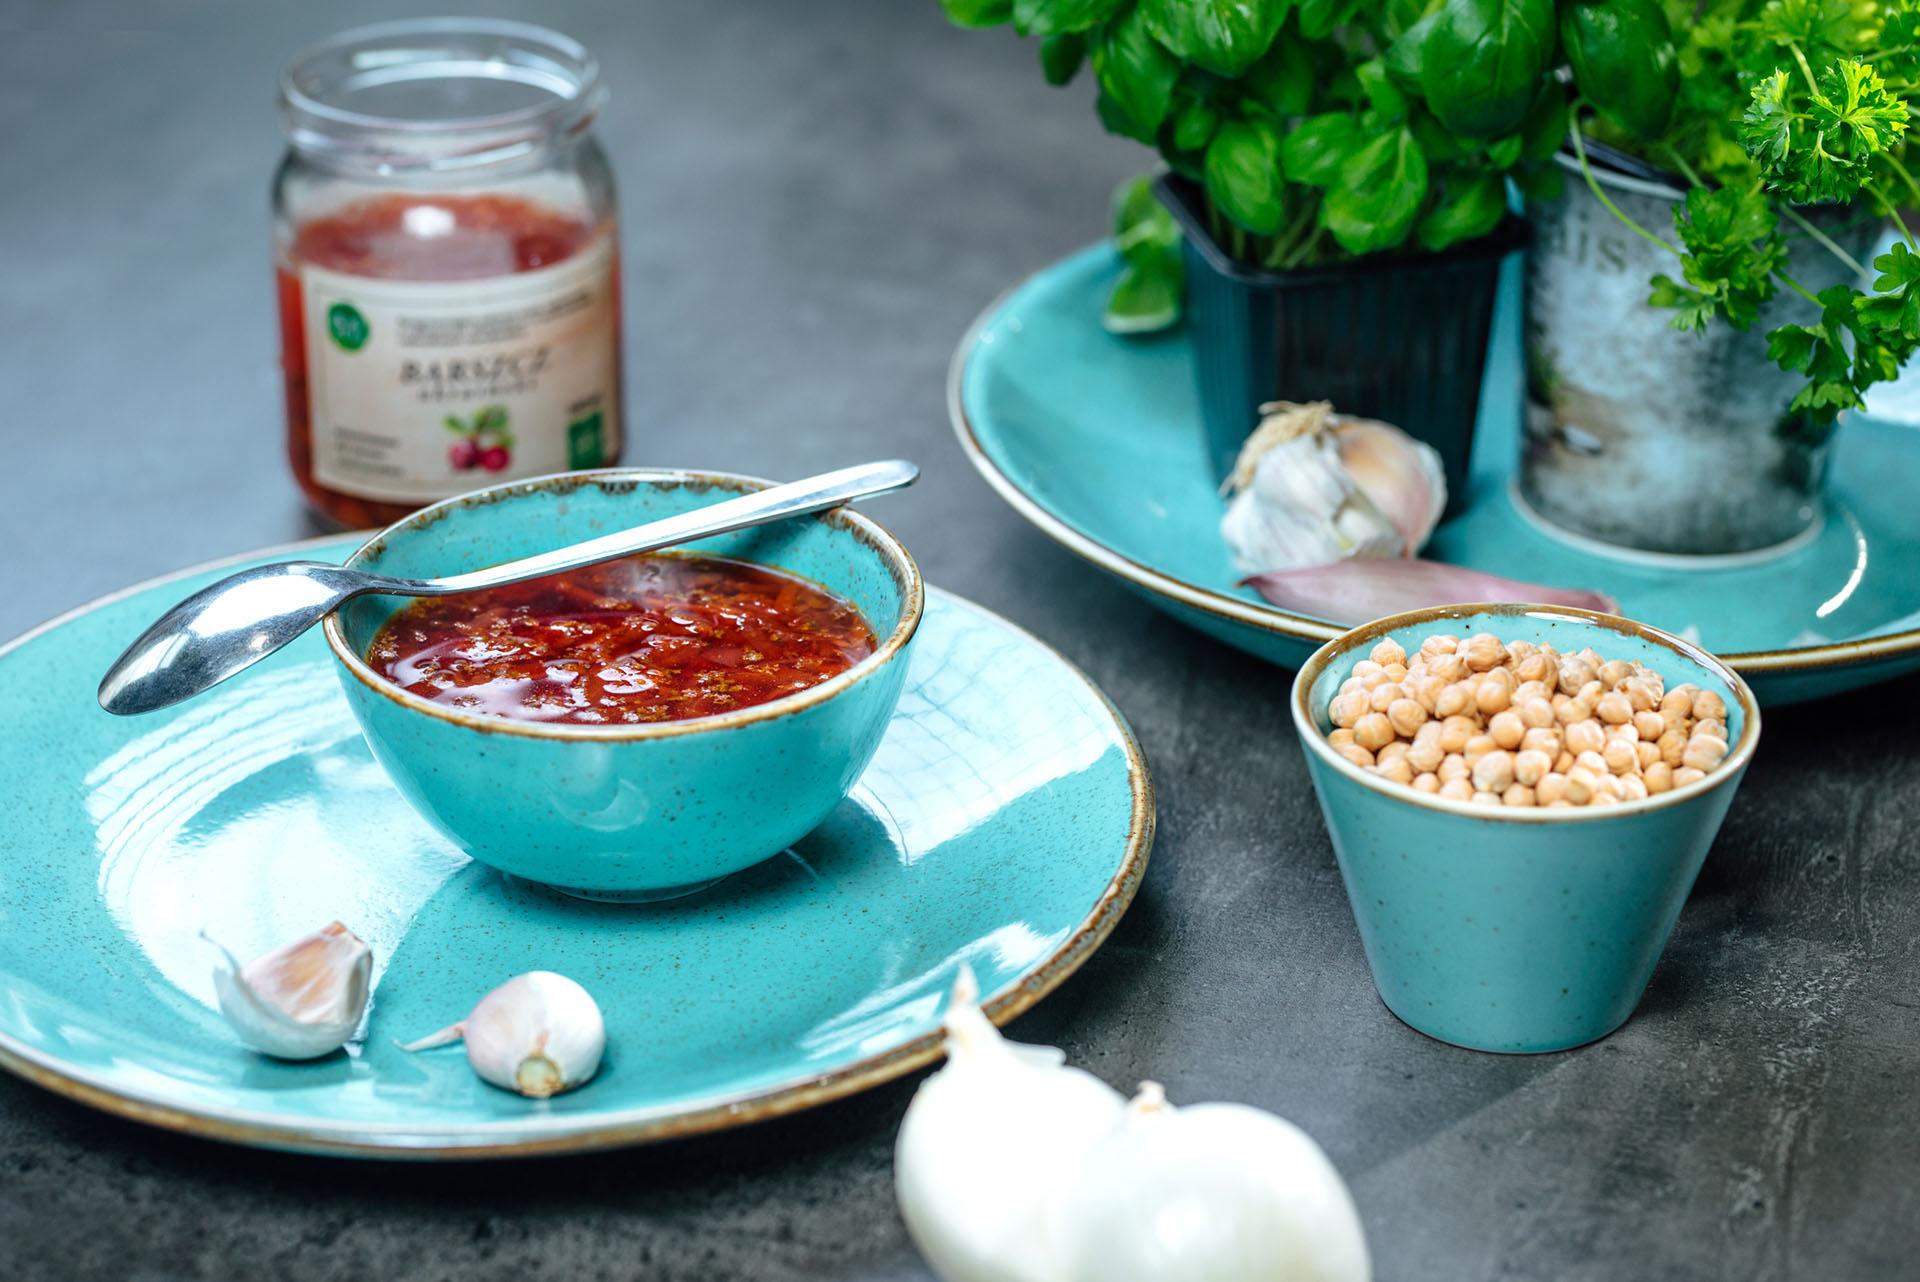 Botwinkowy zawrót głowy, czyli wiosenna zupa z botwiny